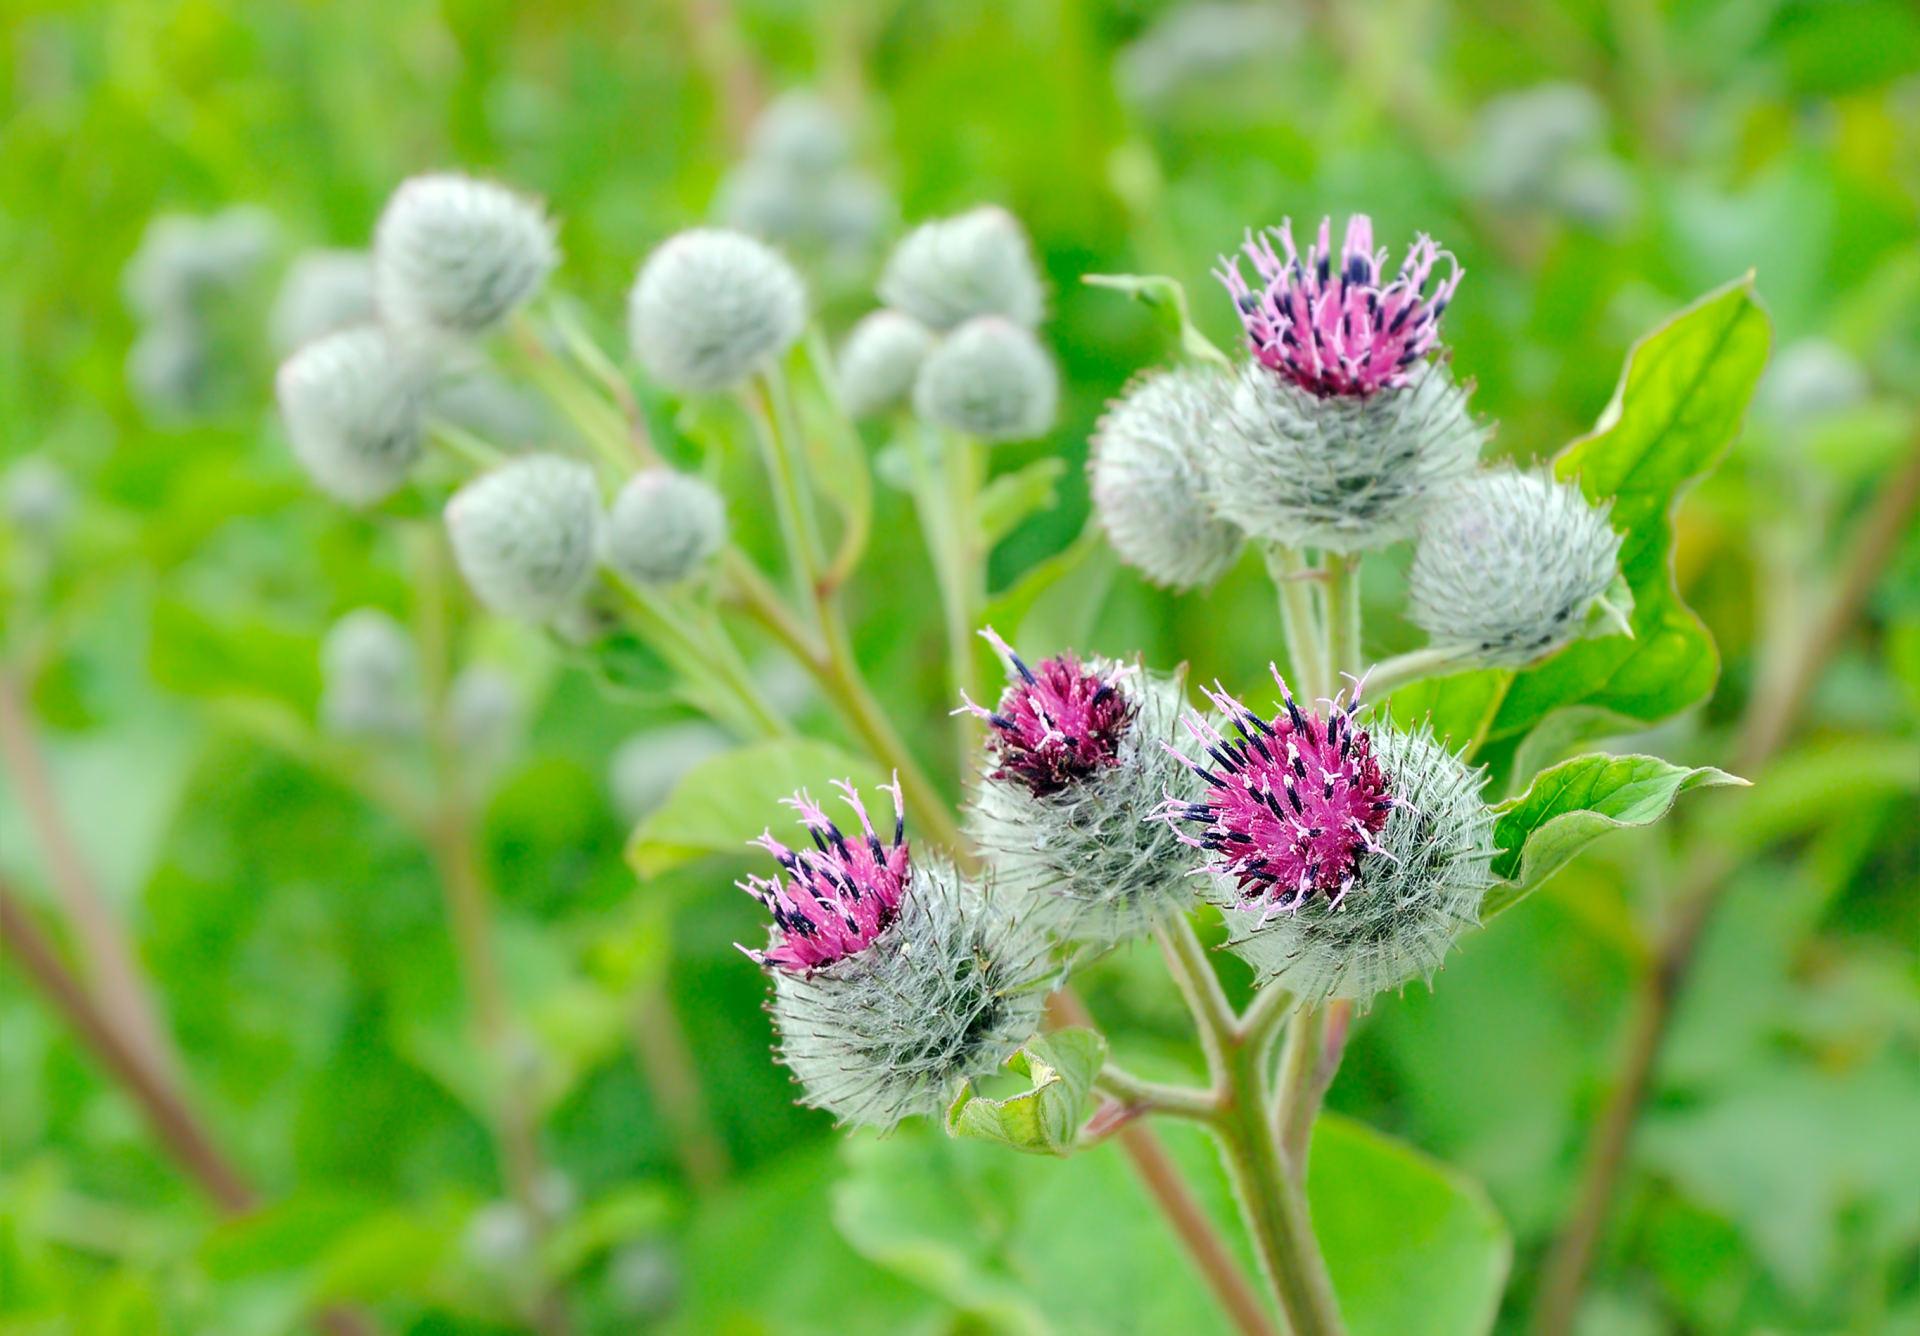 vaistinis augalas, vartojamas hipertenzijai gydyti)